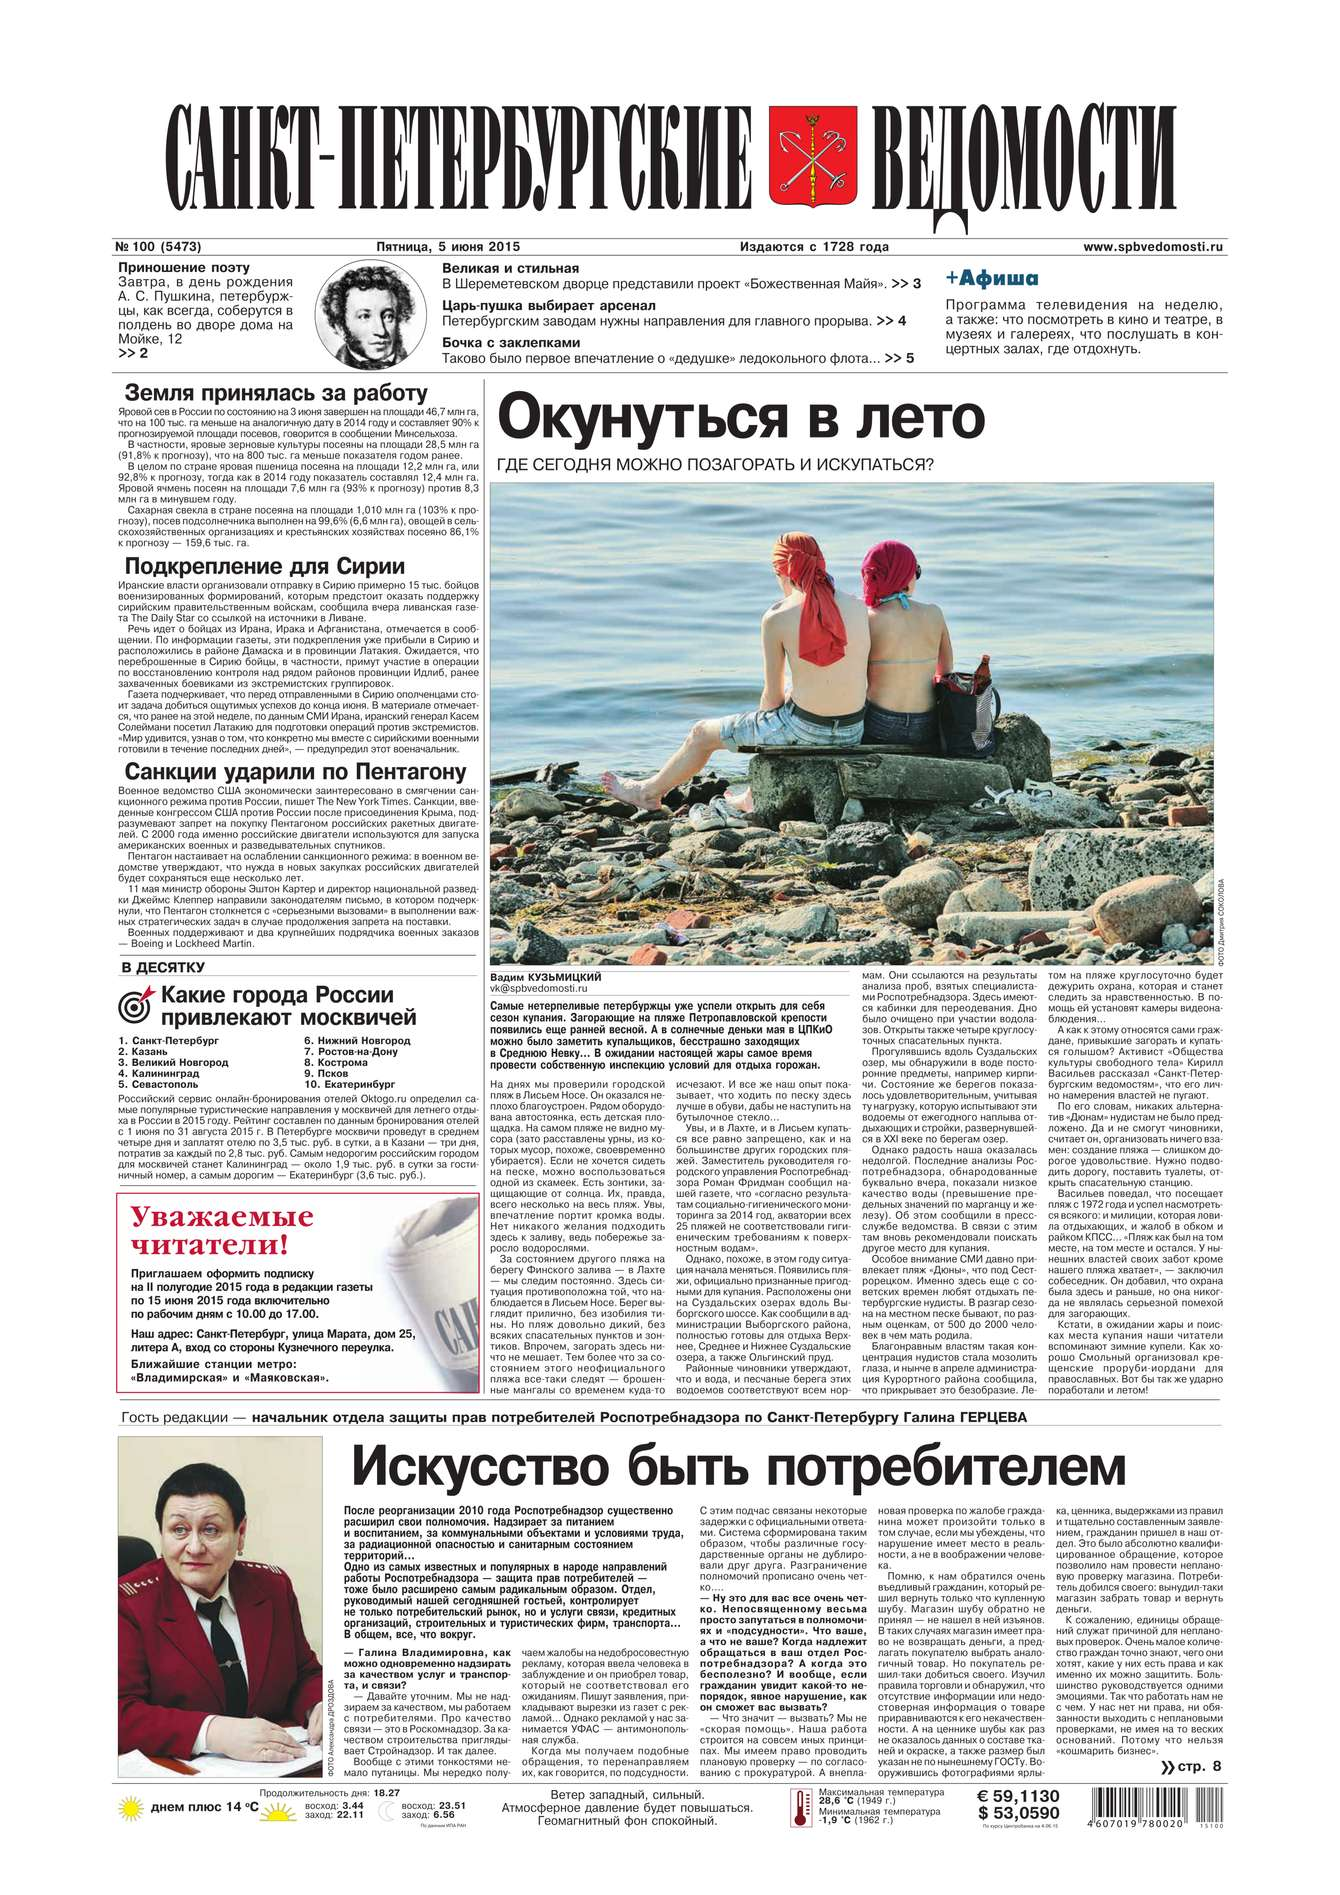 Санкт-Петербургские ведомости 100-2015